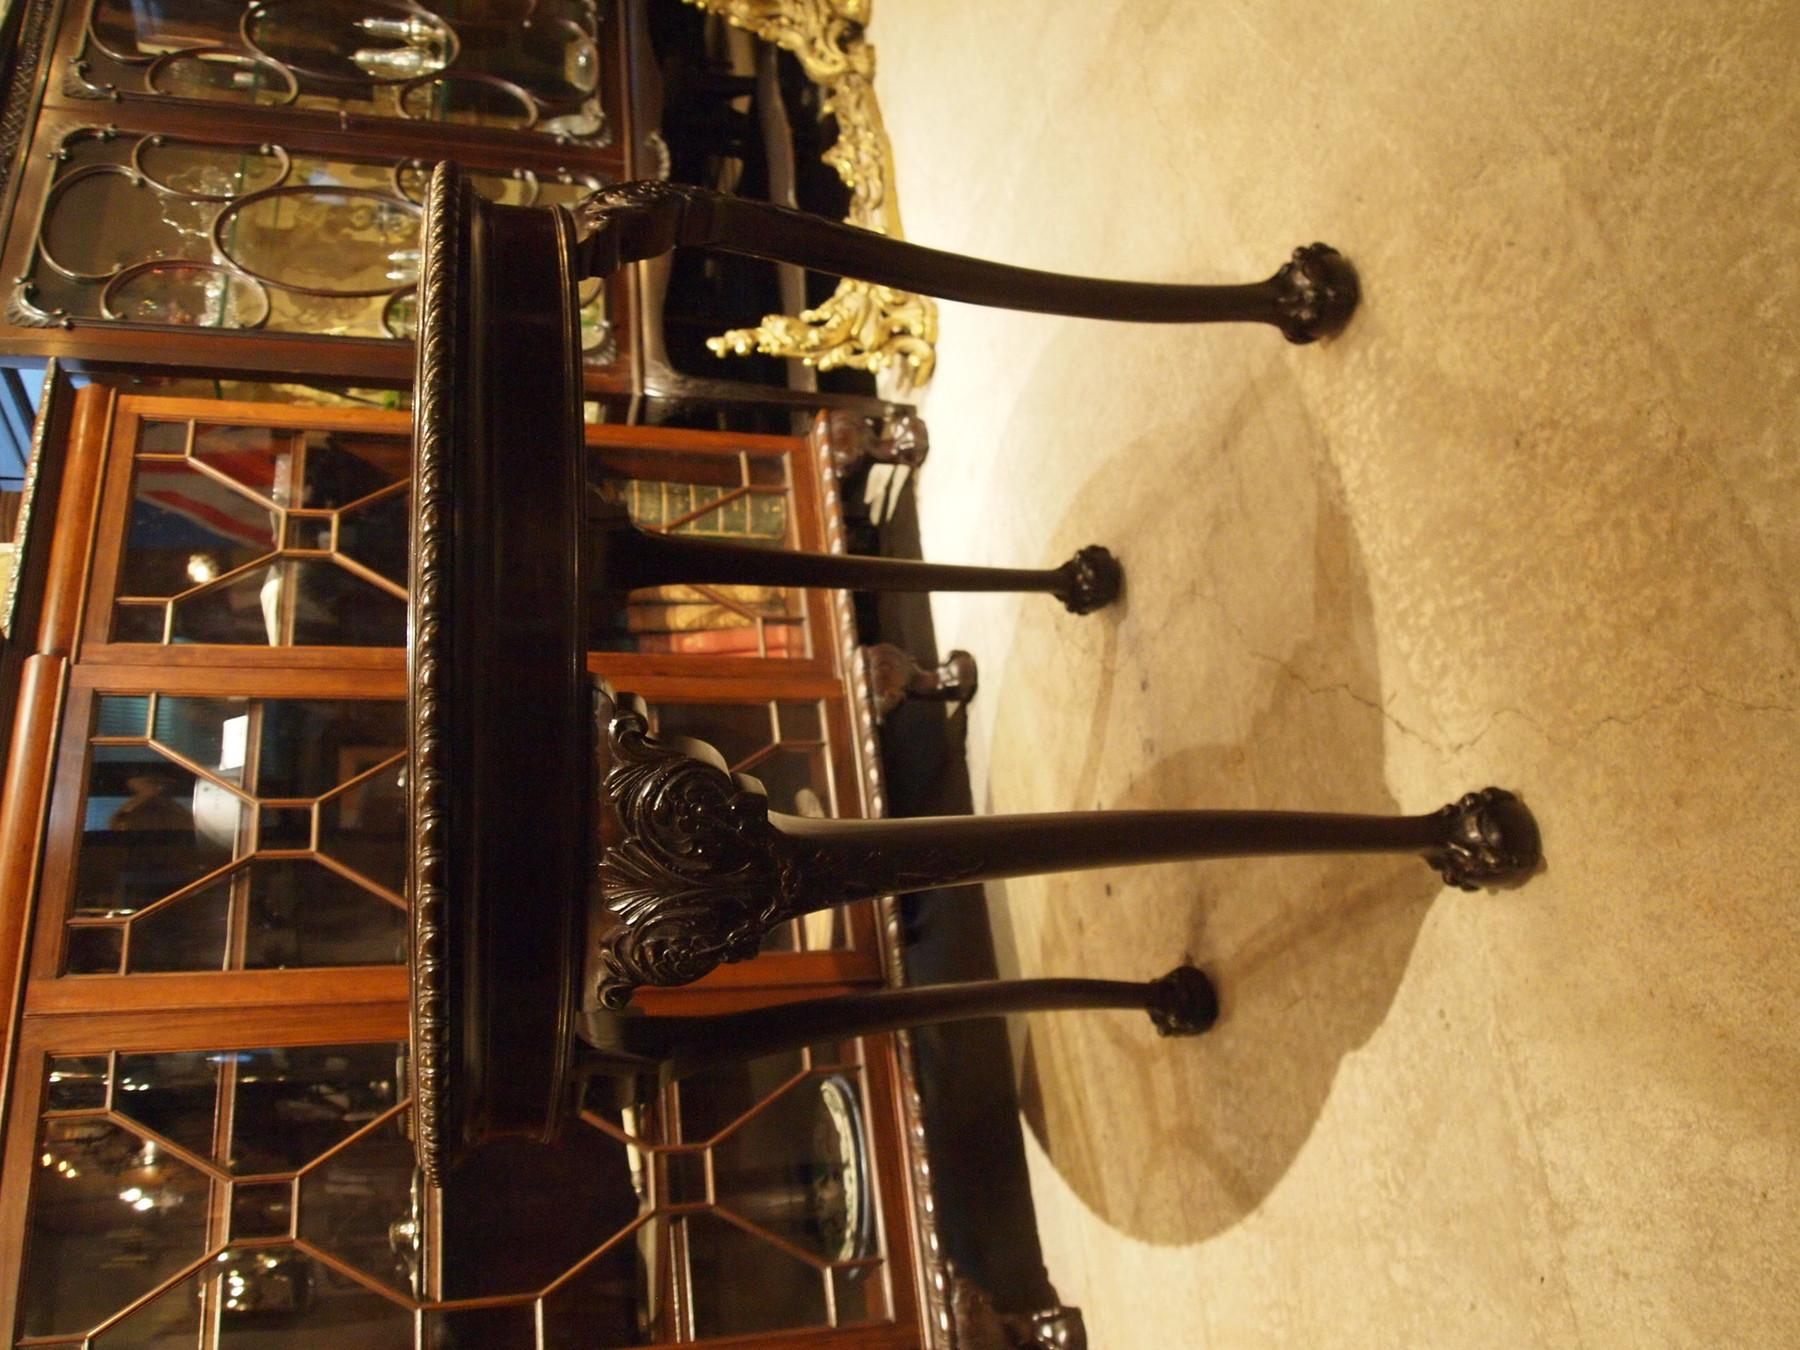 table201218d_05.JPG